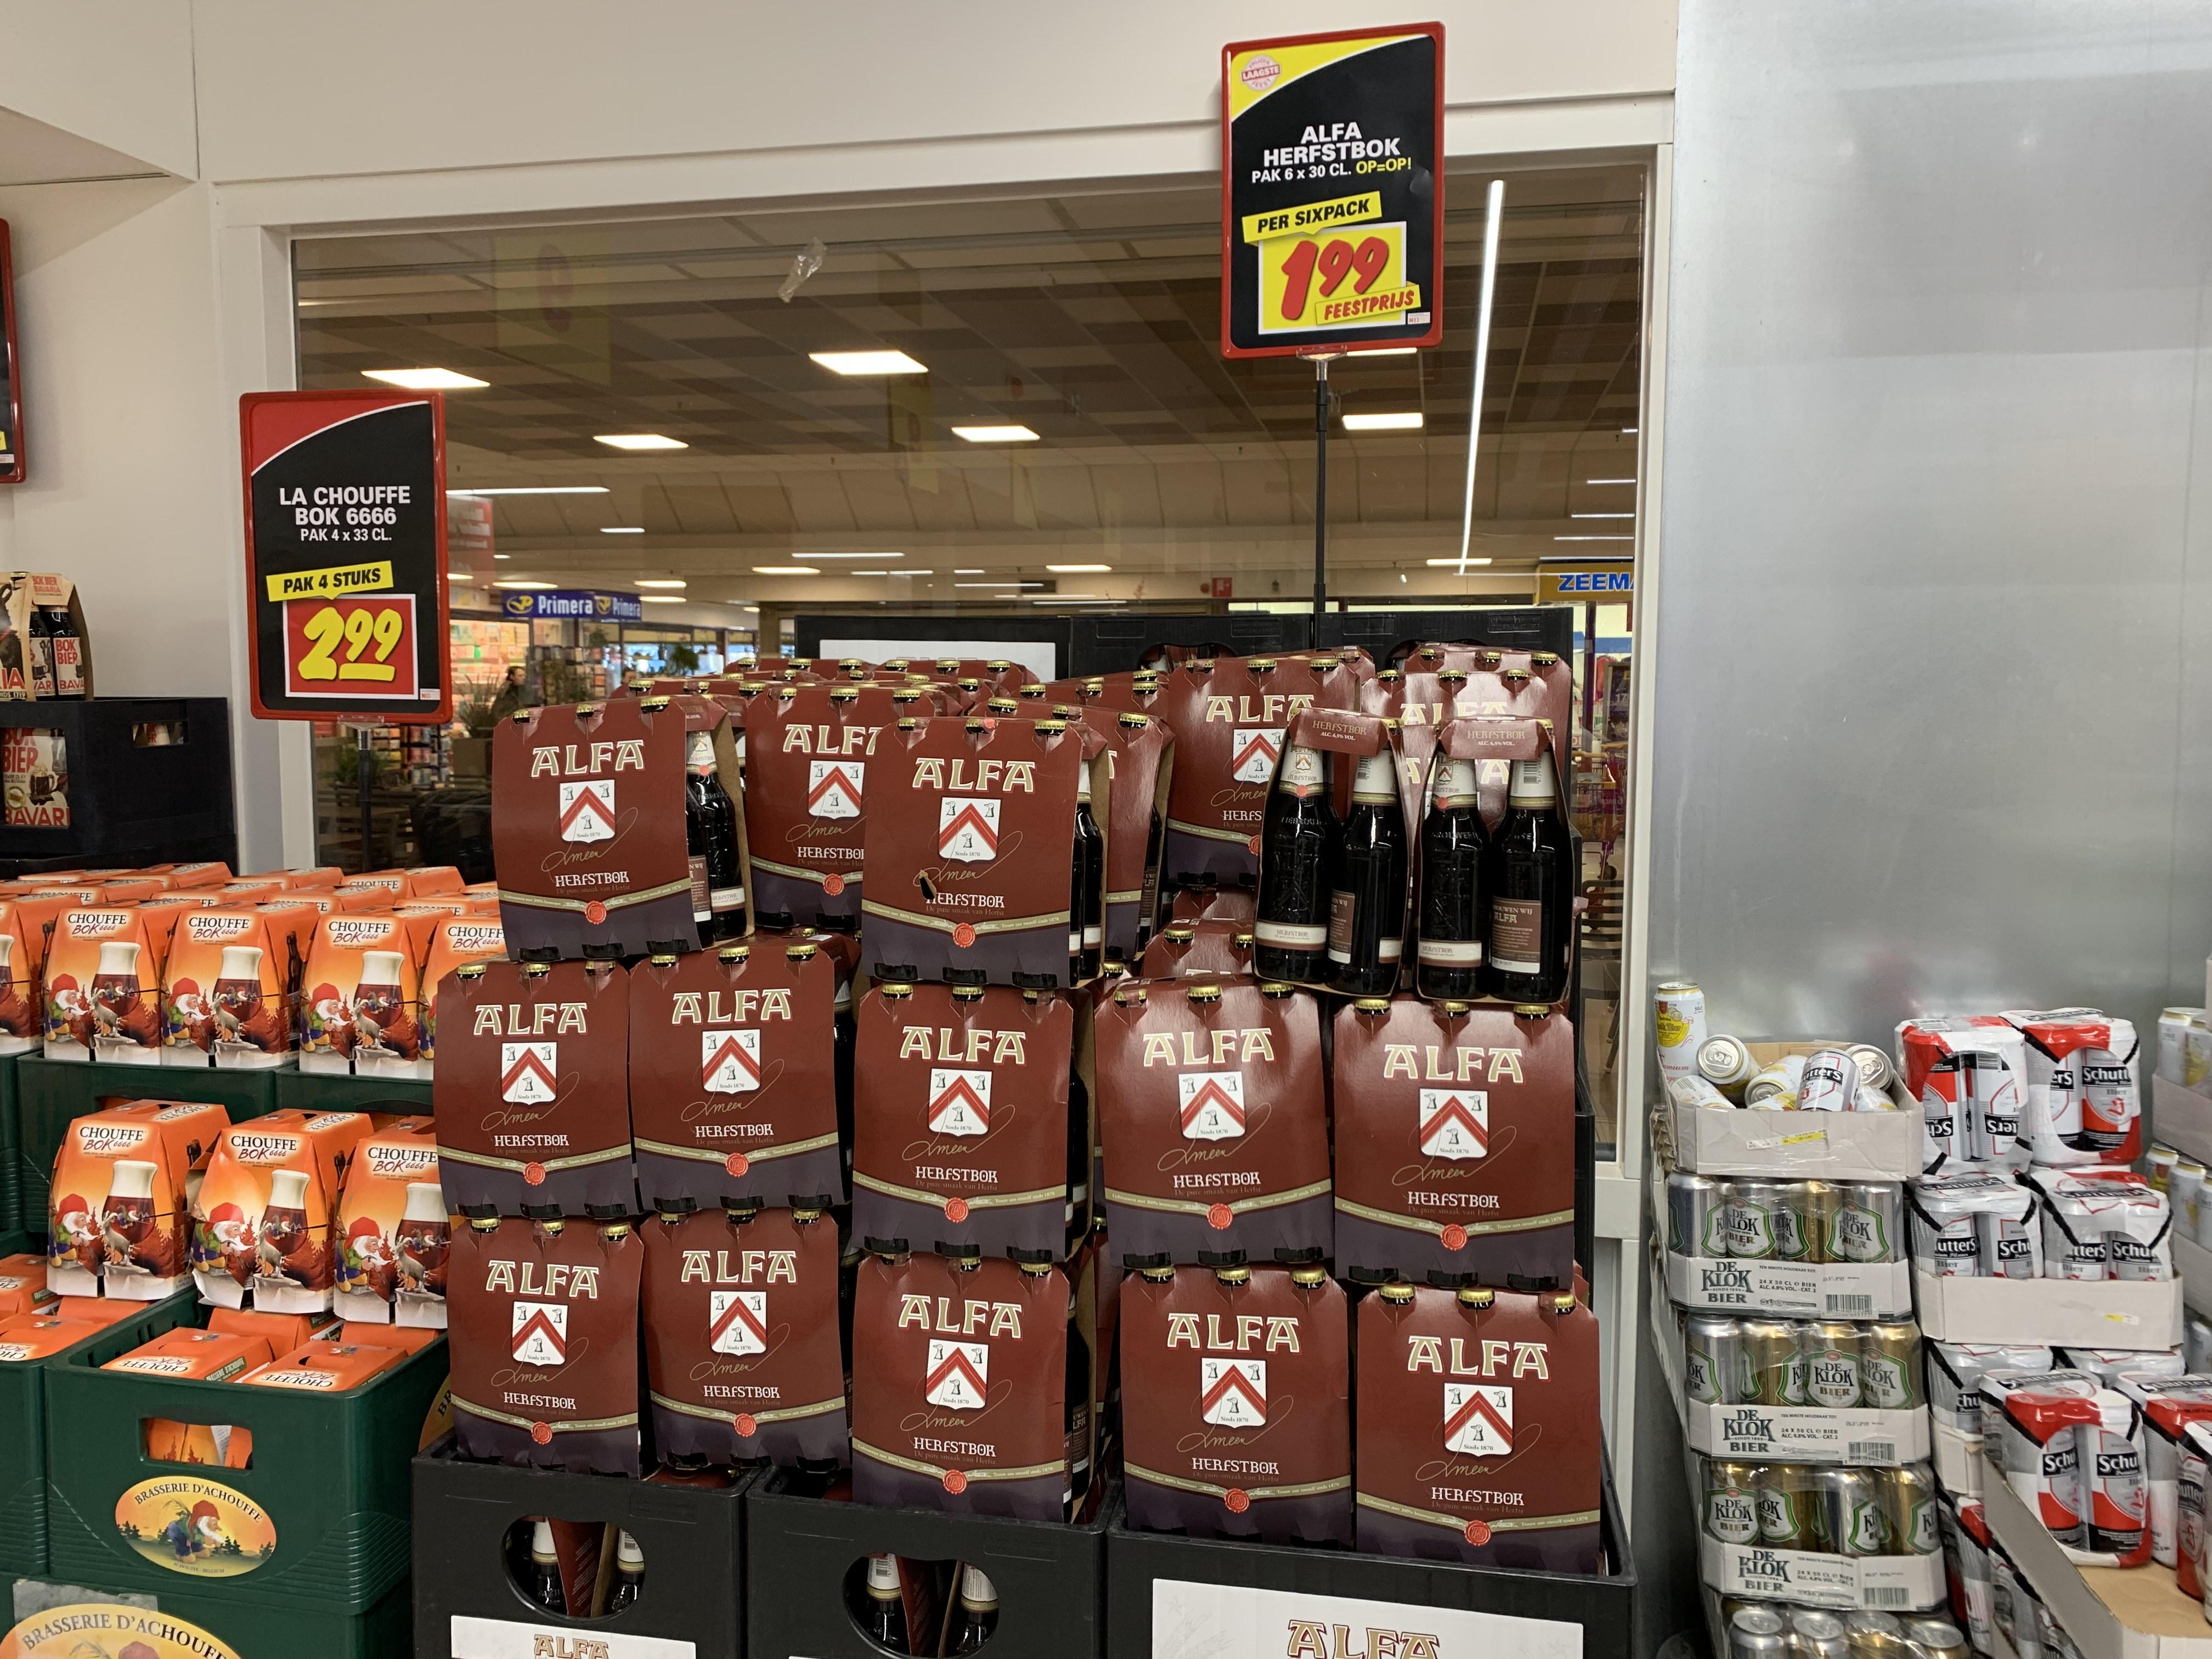 Alfa herfstbok bier (6x30cl) voor €1,99 @ Nettorama